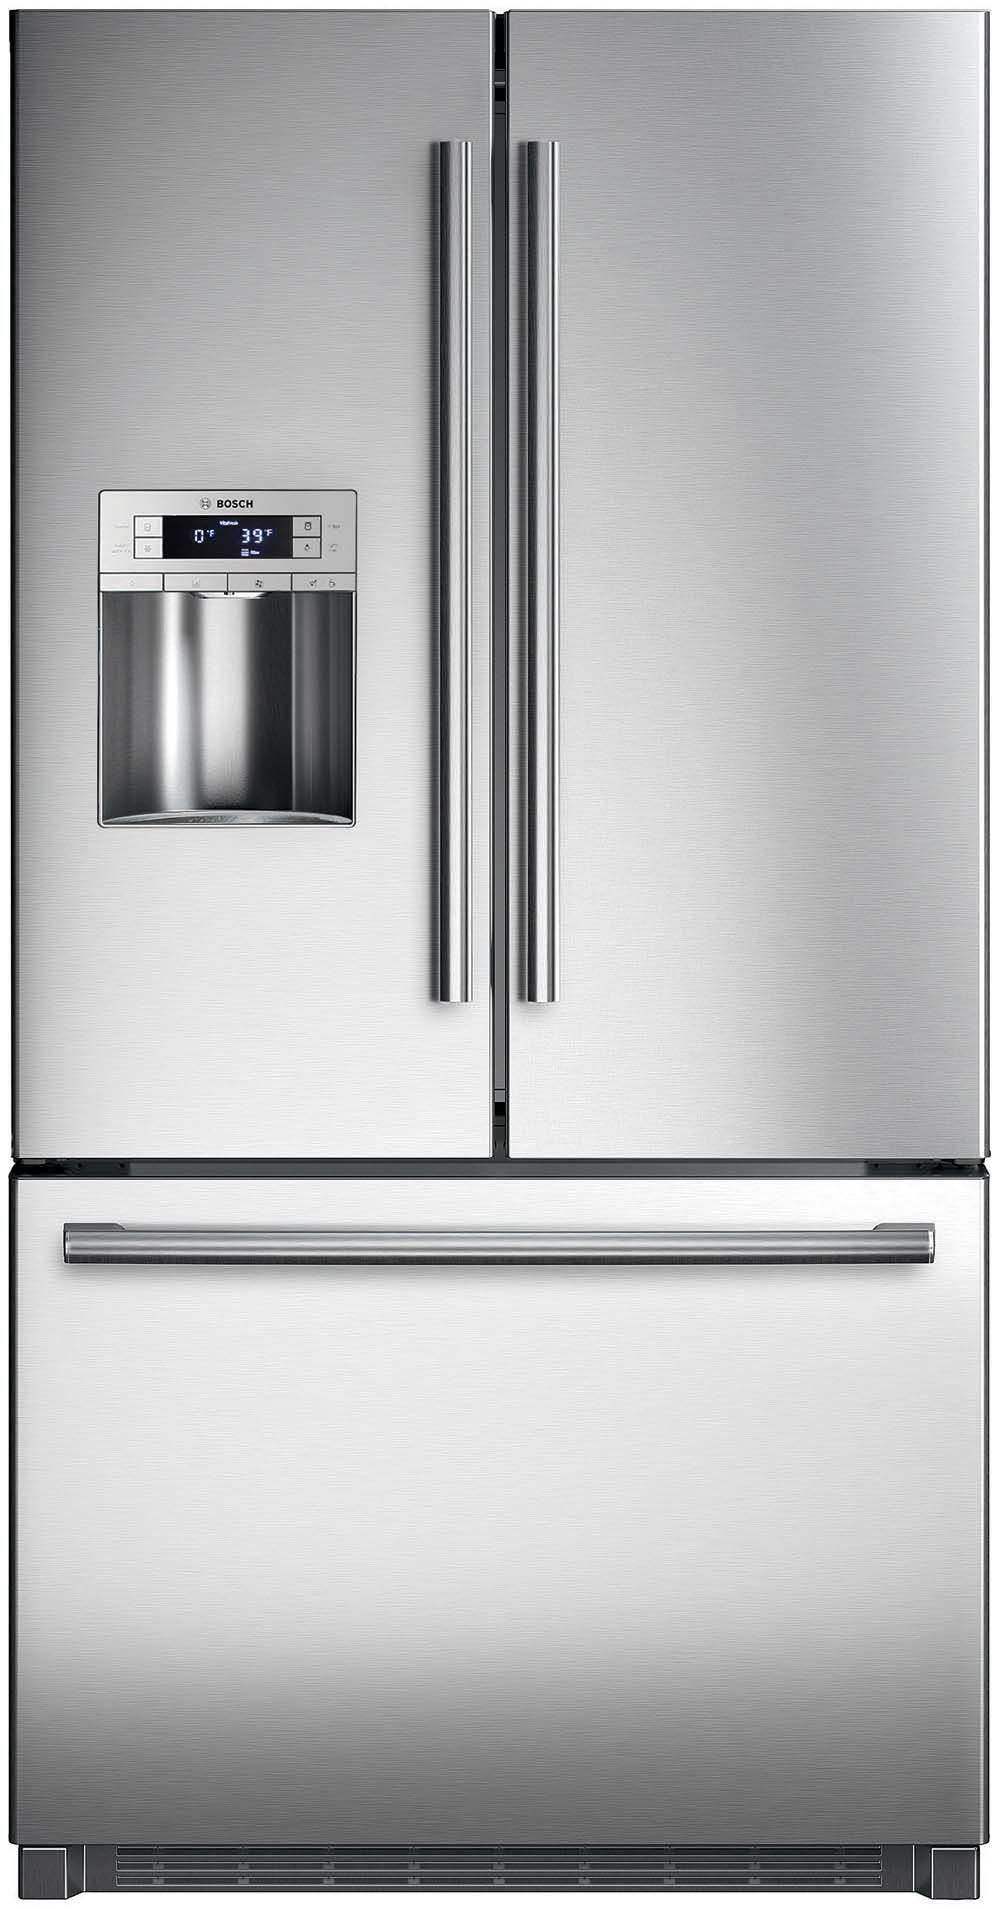 Bosch Fridge French Door Refrigerator French Doors French Door Bottom Freezer